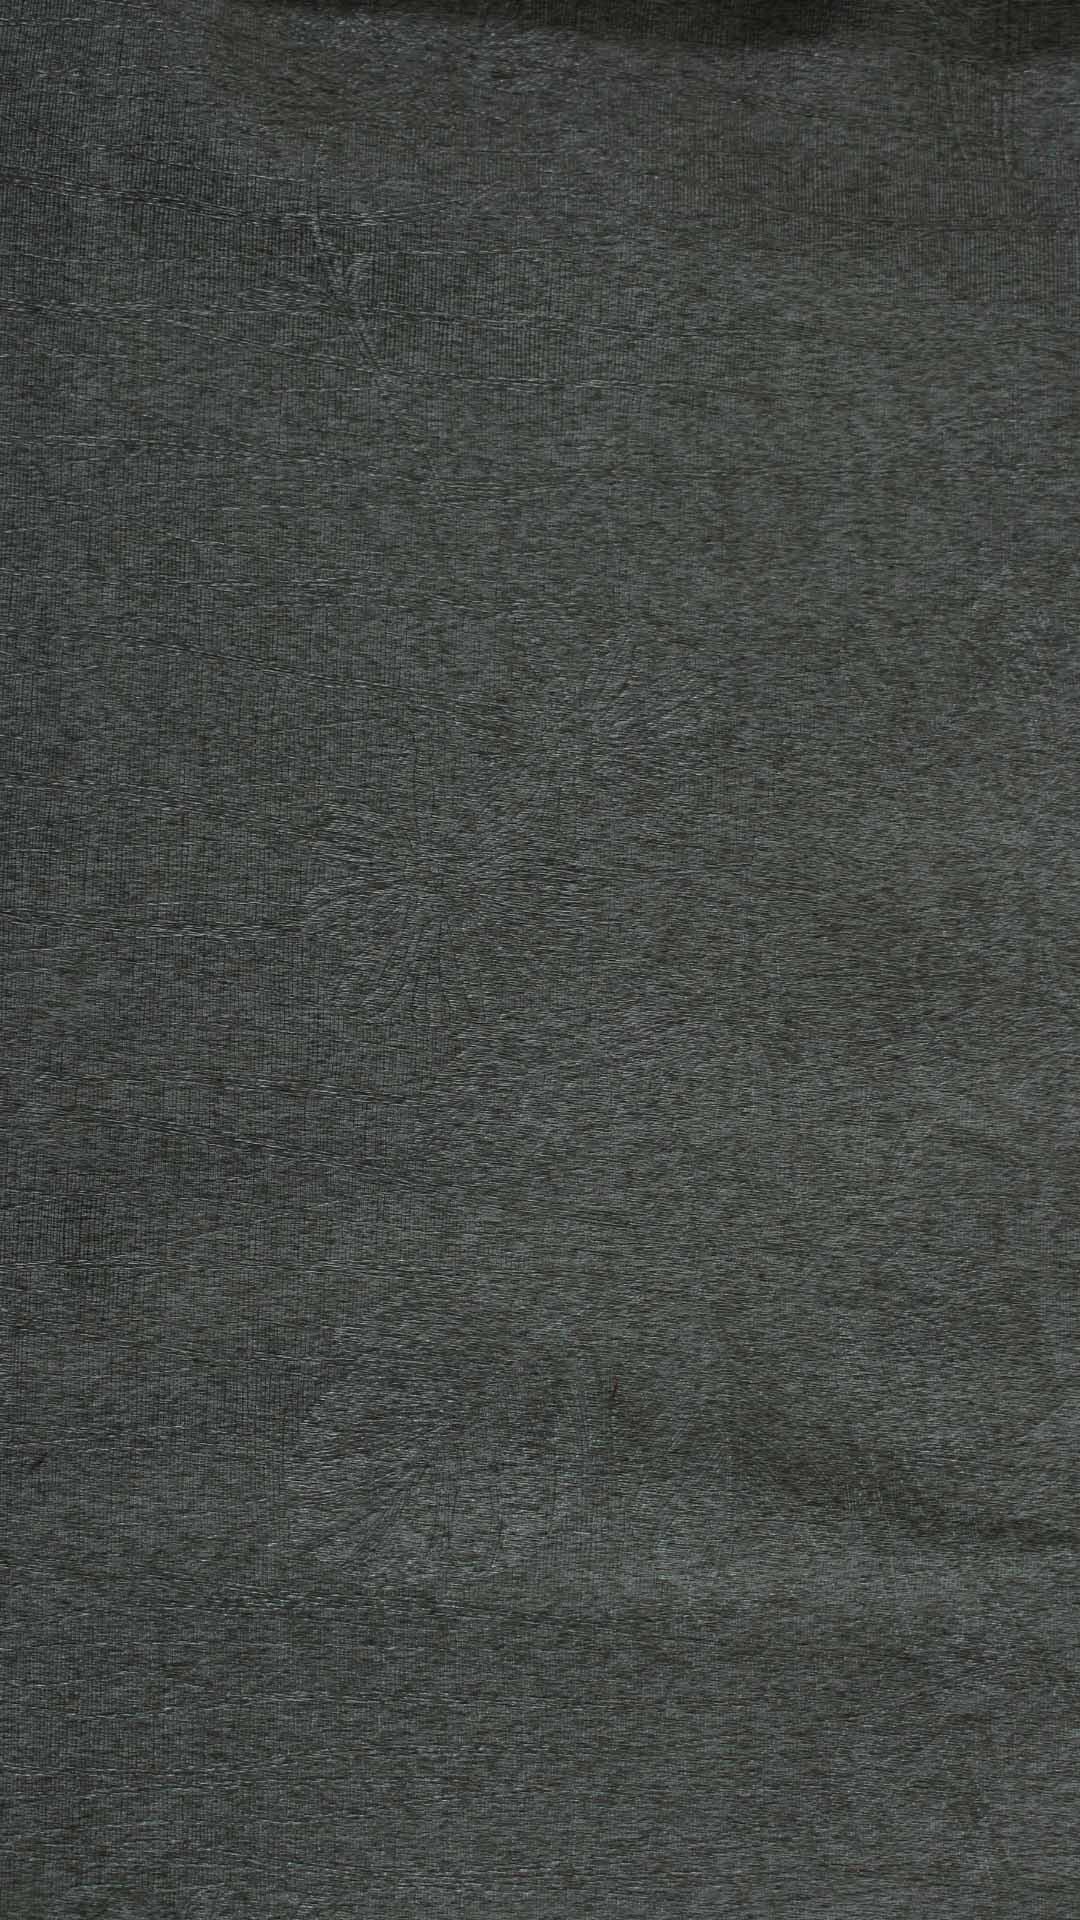 ผ้าม่าน Code No LC598-5